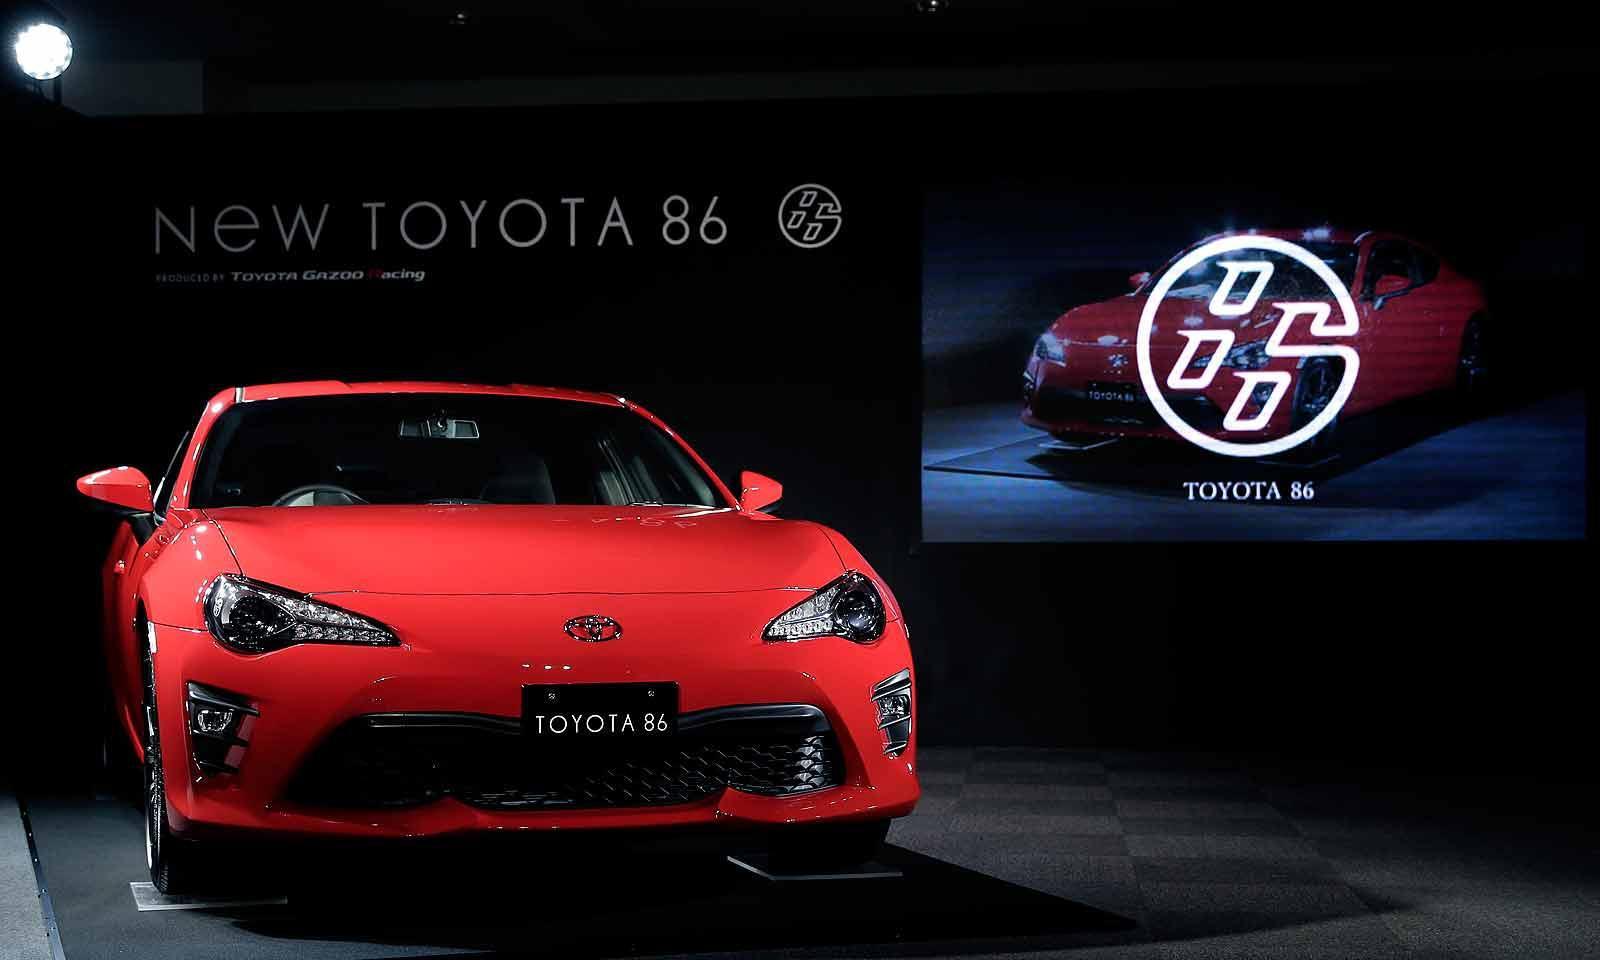 丰田:为进一步提升利润 86等多车型或在北美被砍